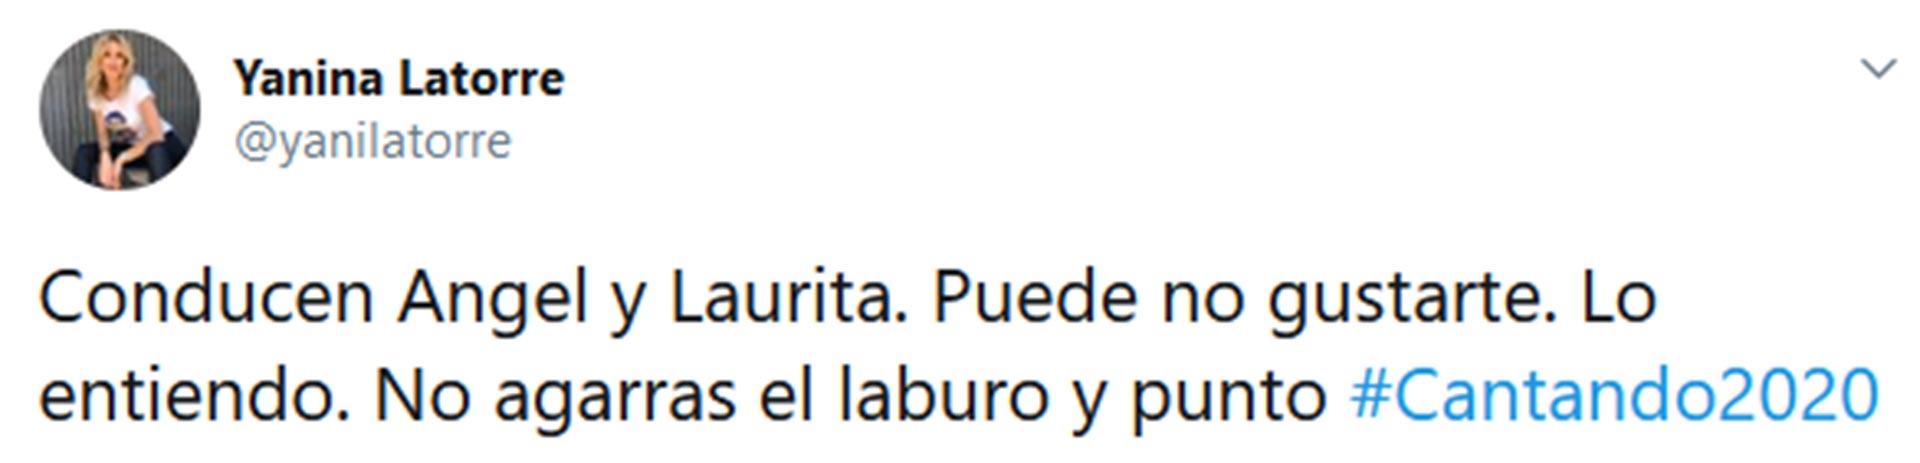 Los mensajes de Yanina Latorre, en apoyo a Laurita Fernández